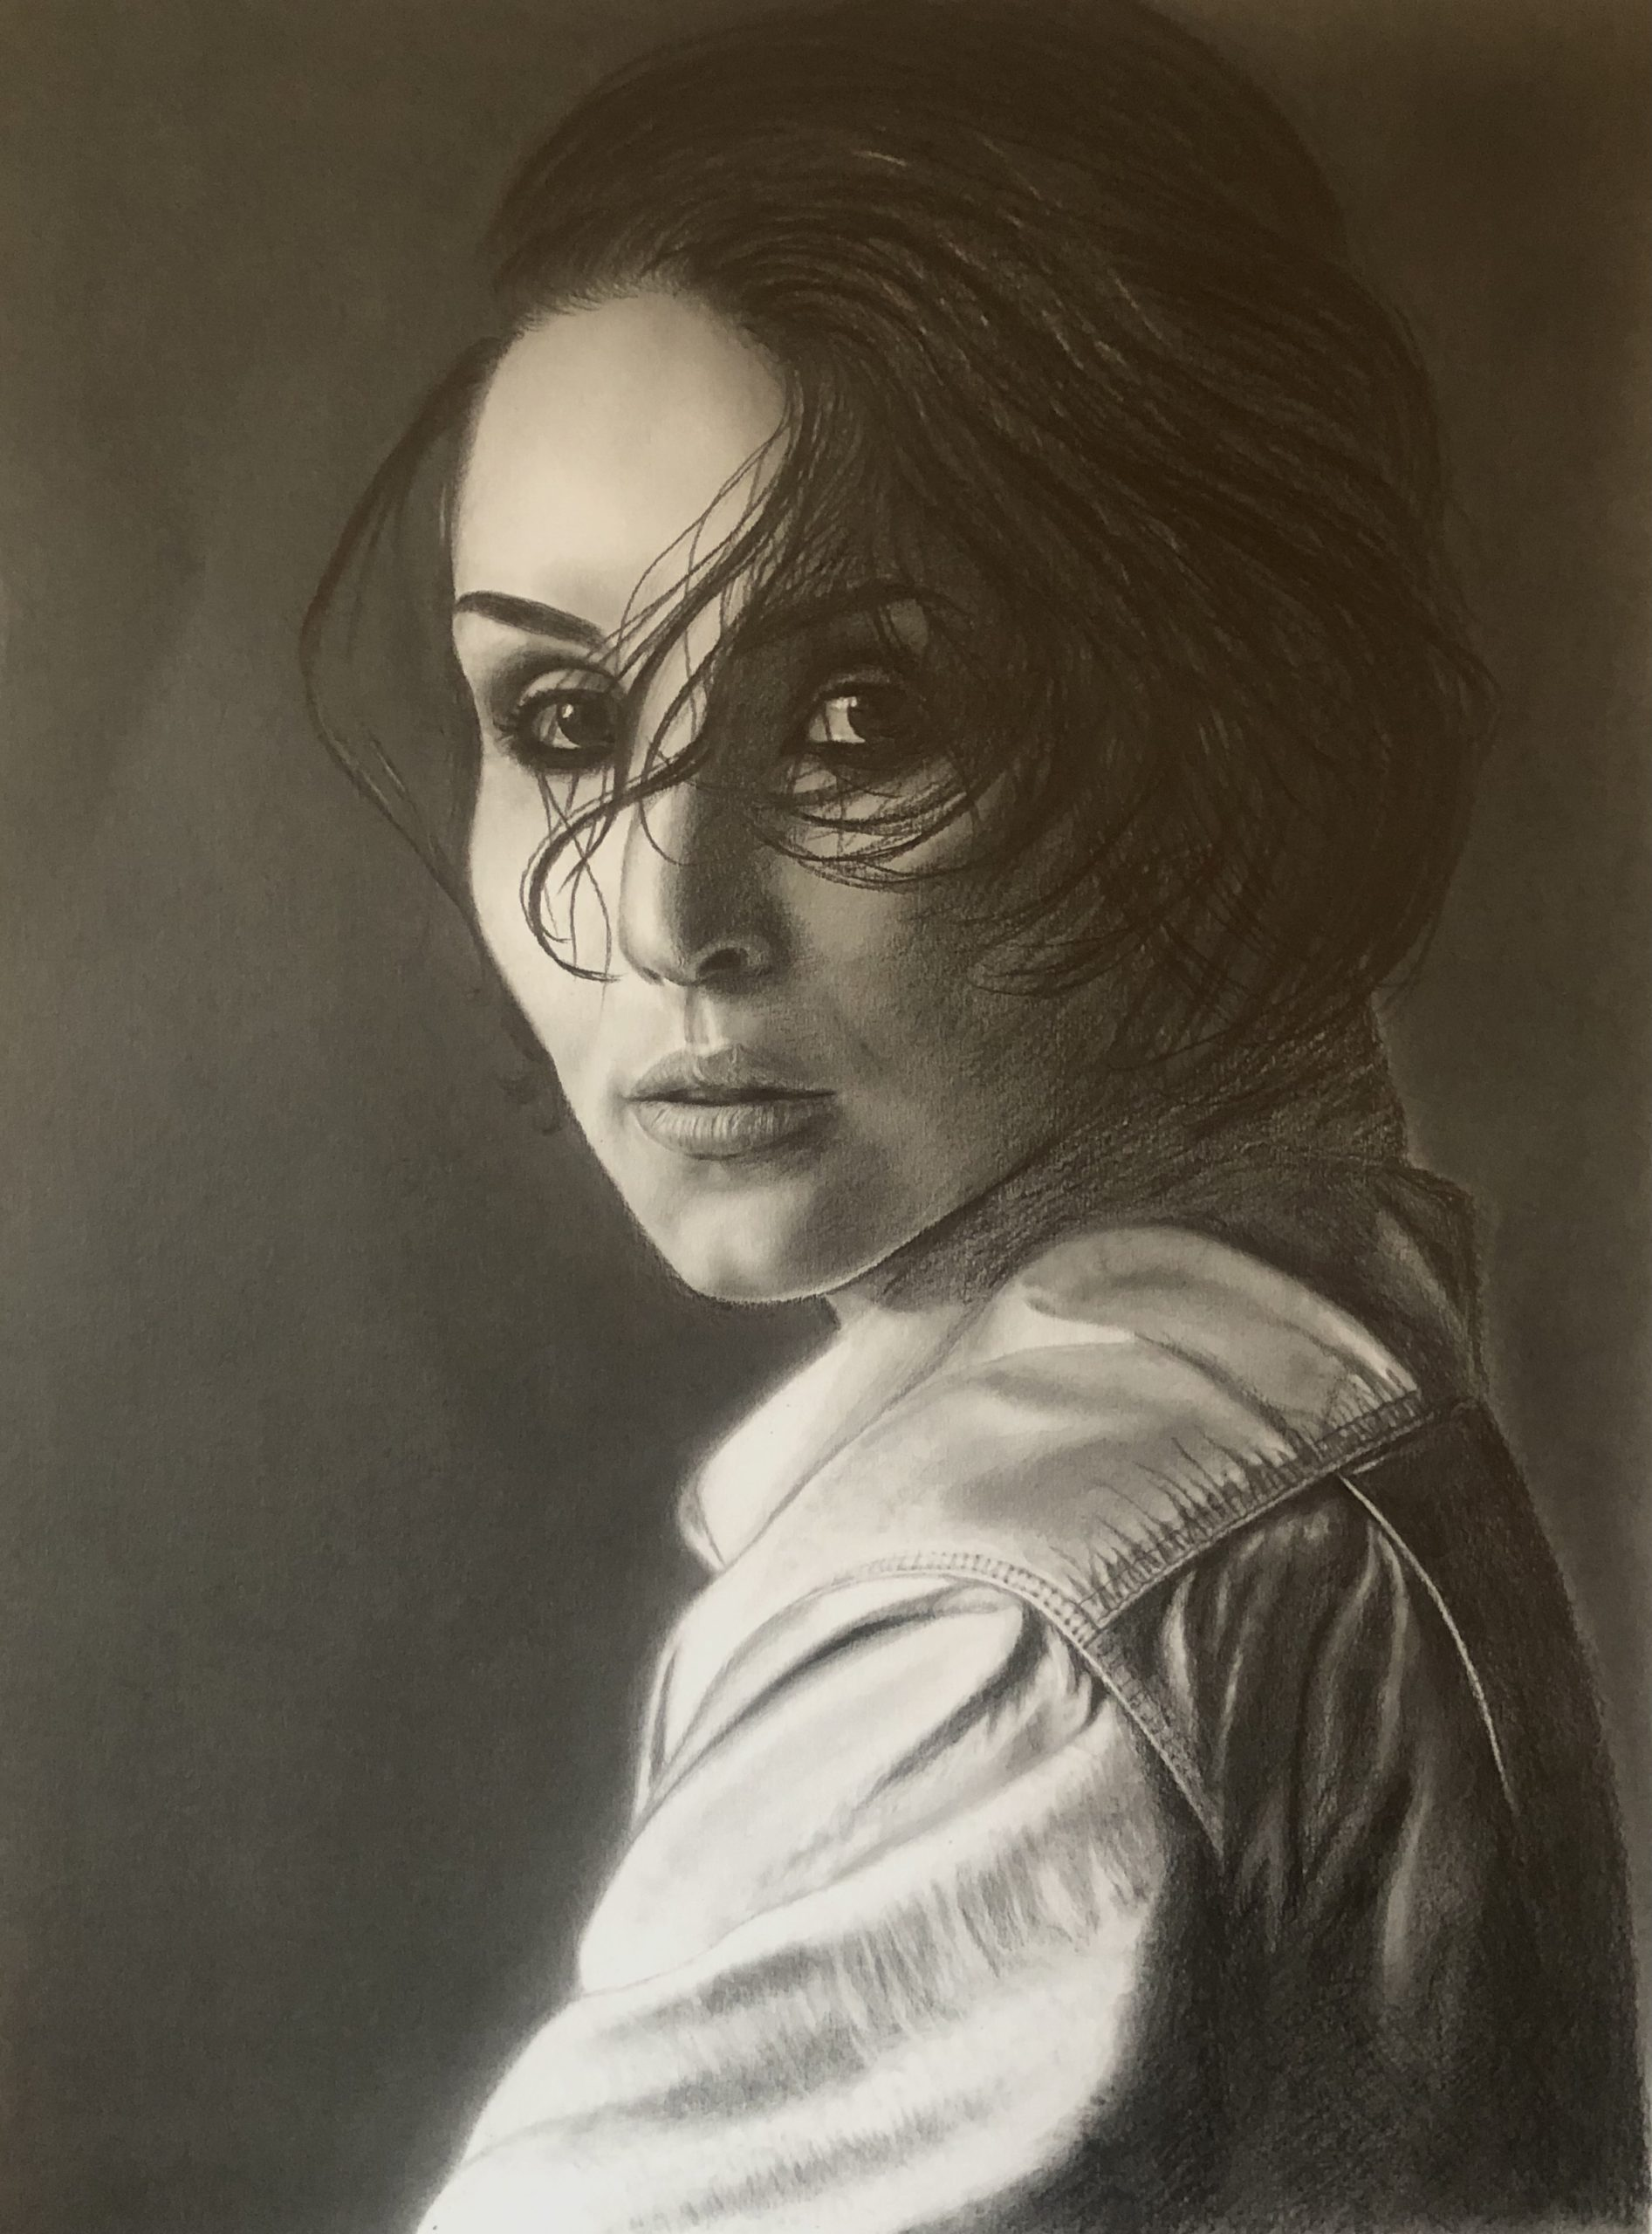 Portrét Noomi Rapace